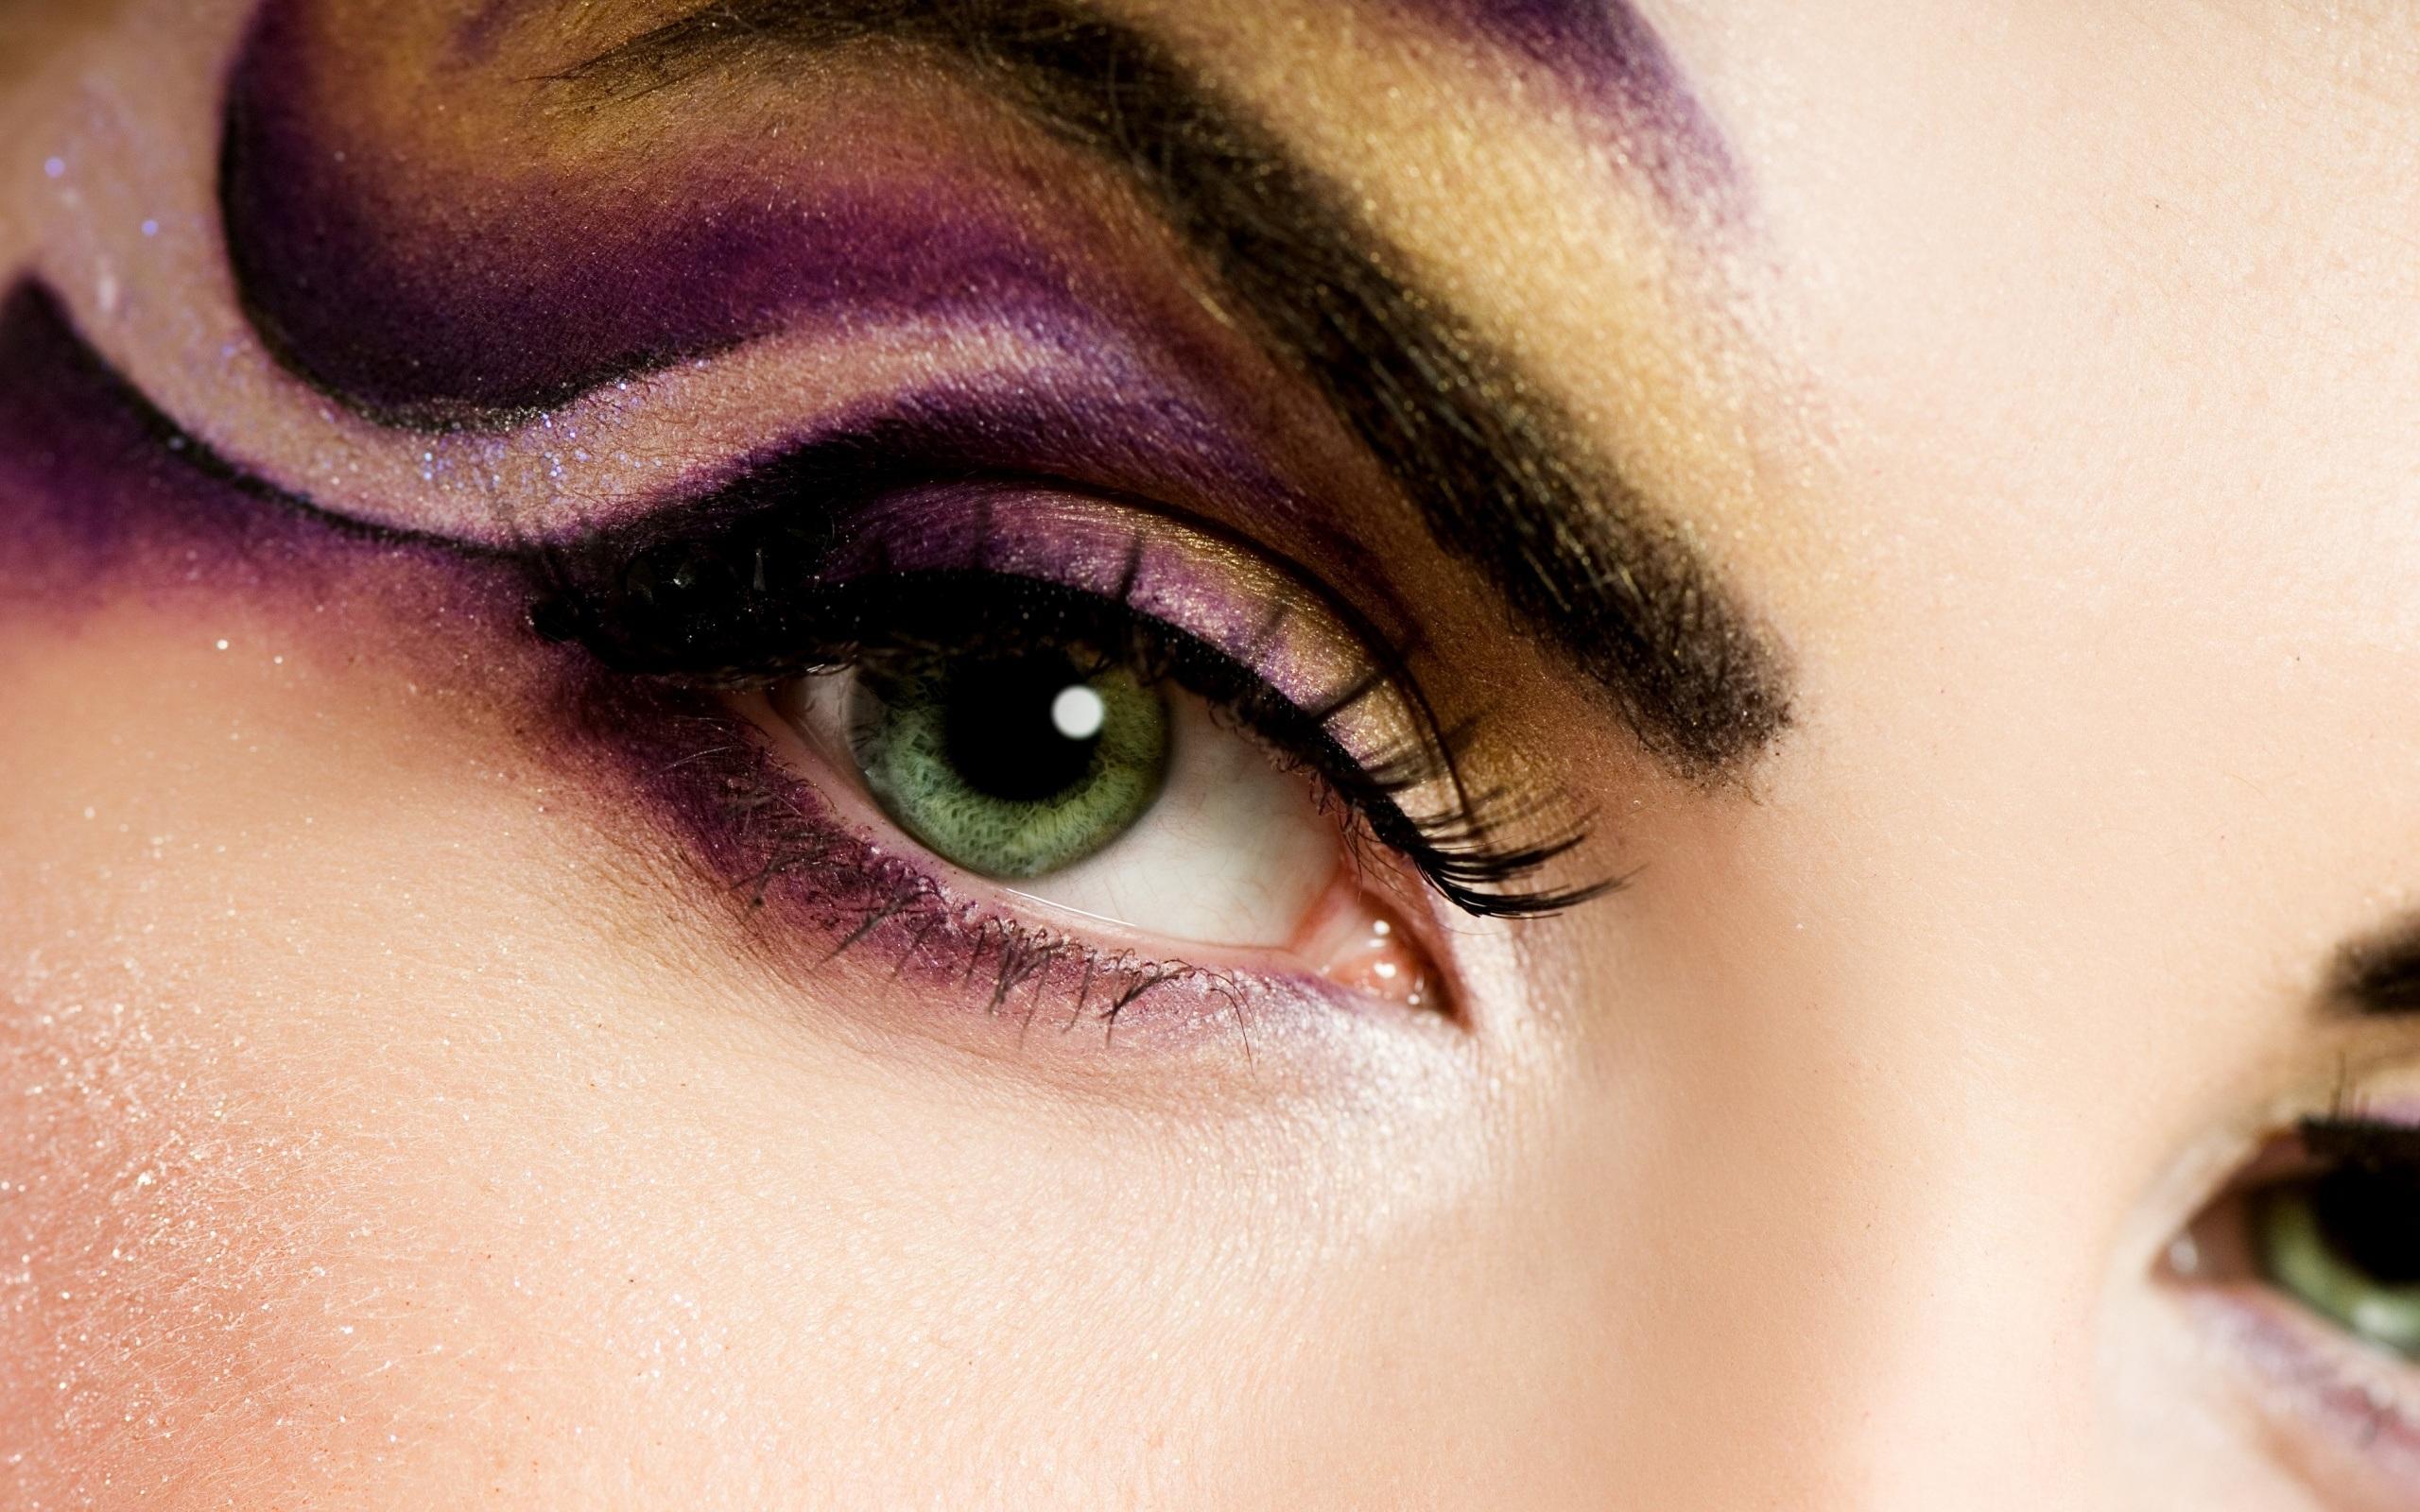 stunning makeup wallpaper 23220